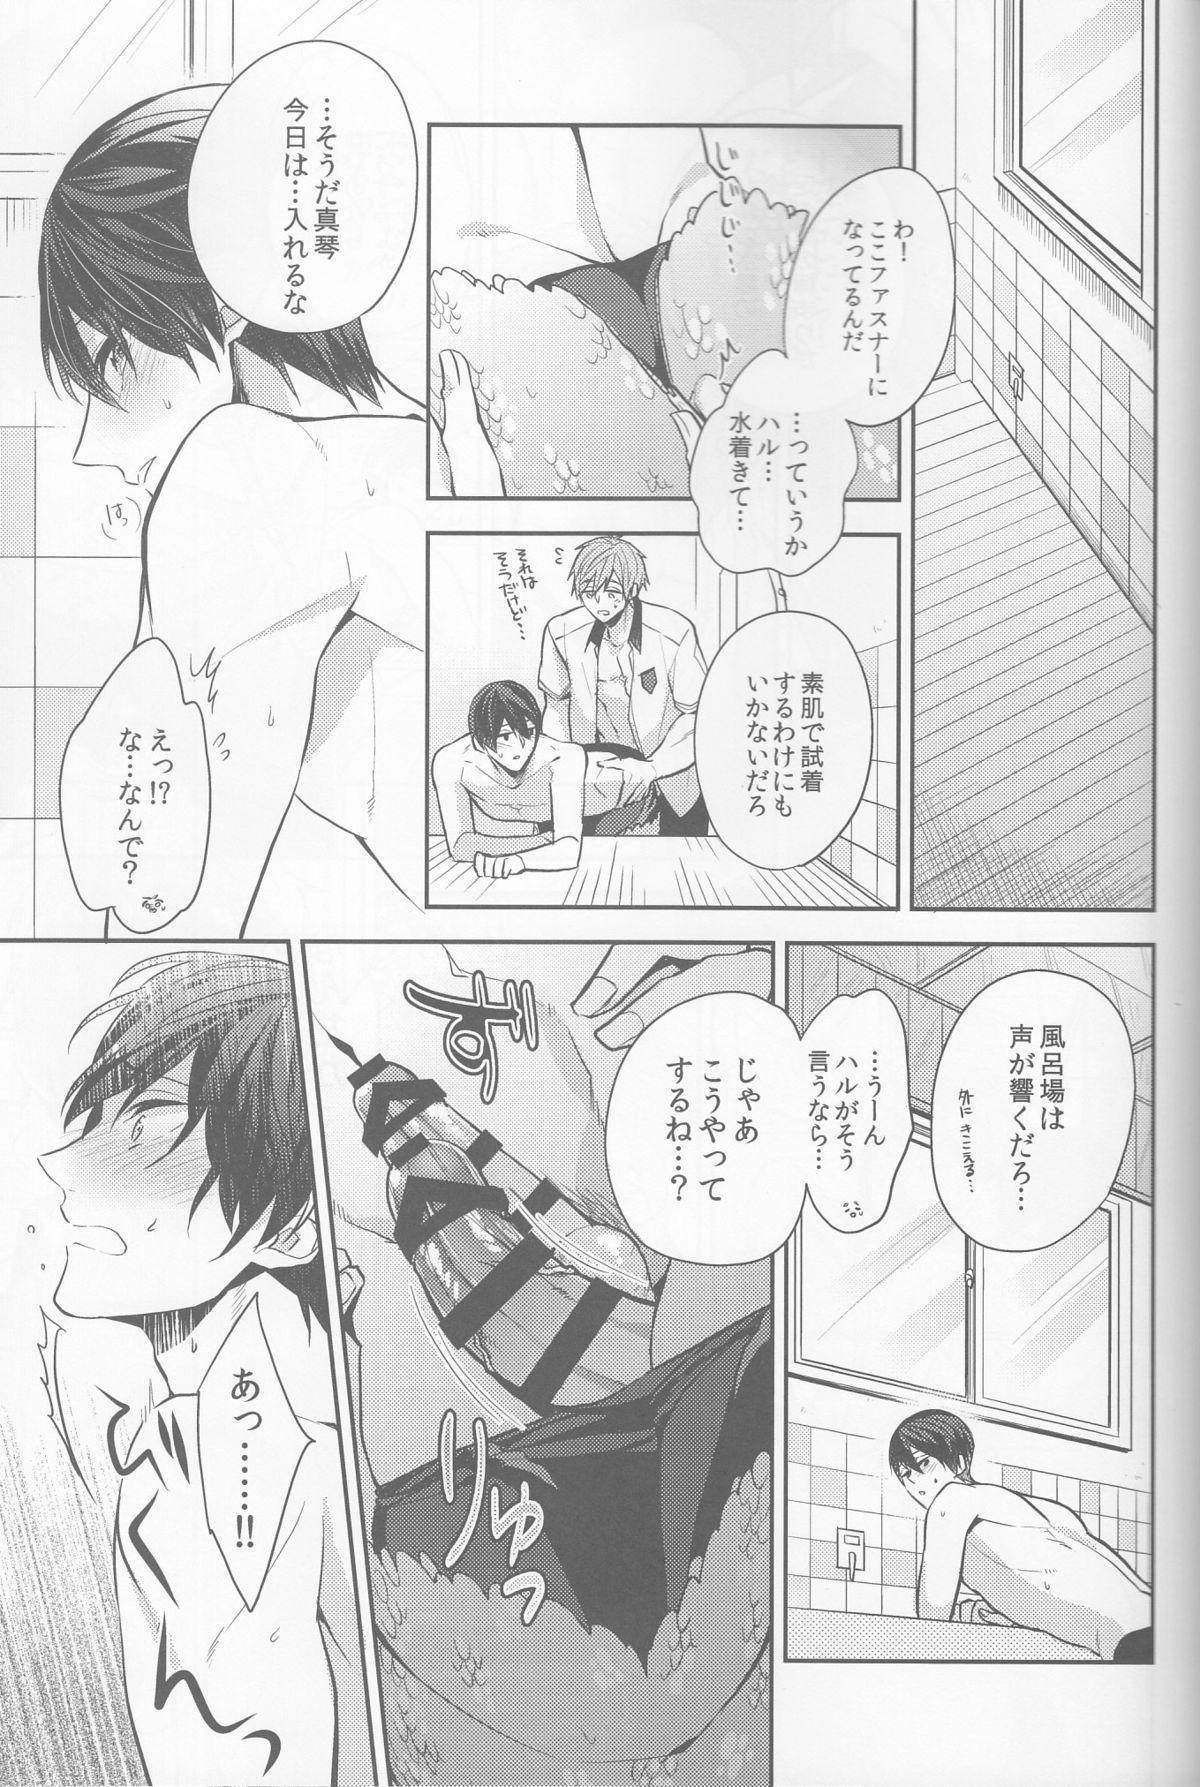 Manatsu no hakuchuumu 17